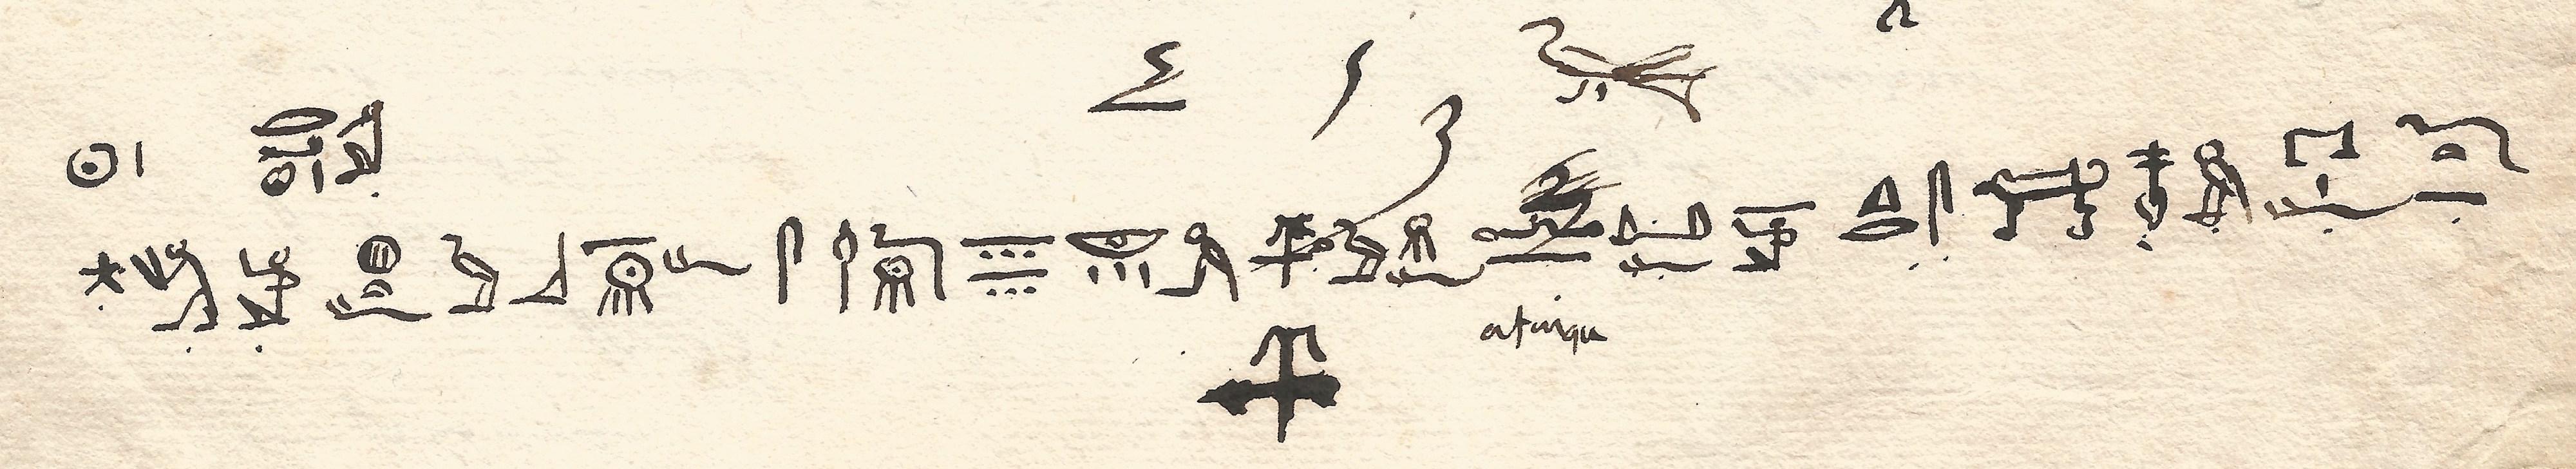 39b.-CHAMPOLLION